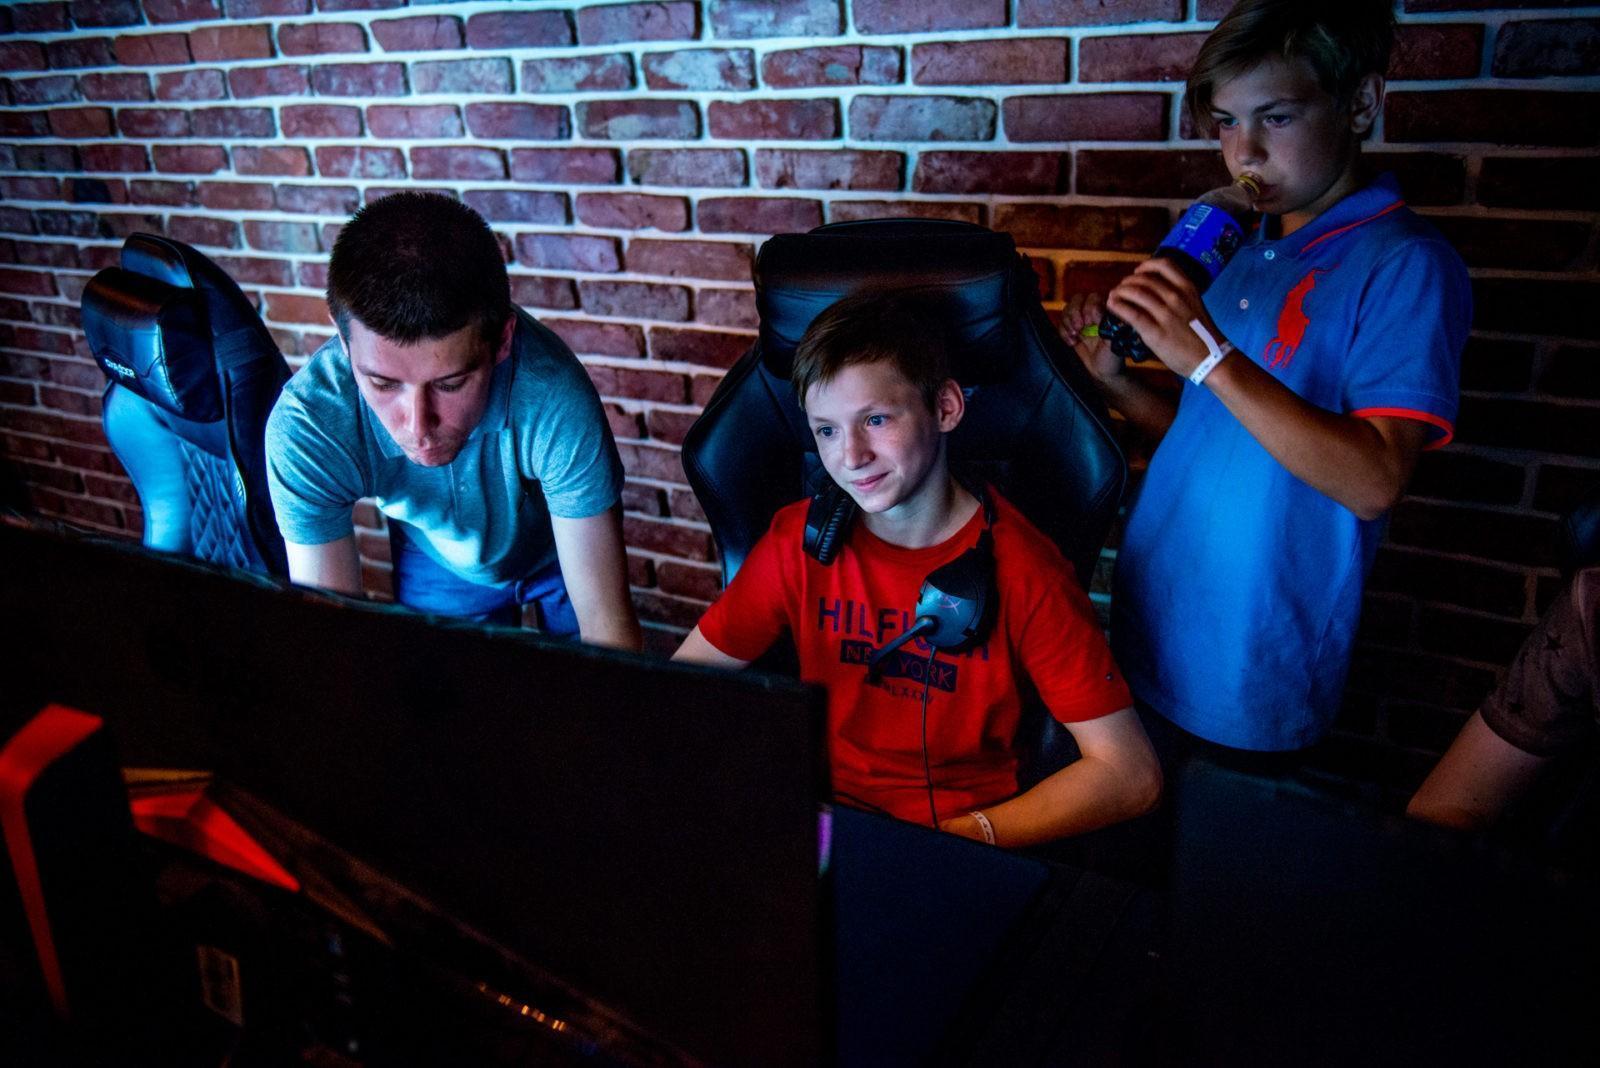 В Москве прошел чемпионат по киберспорту среди уникальных геймеров